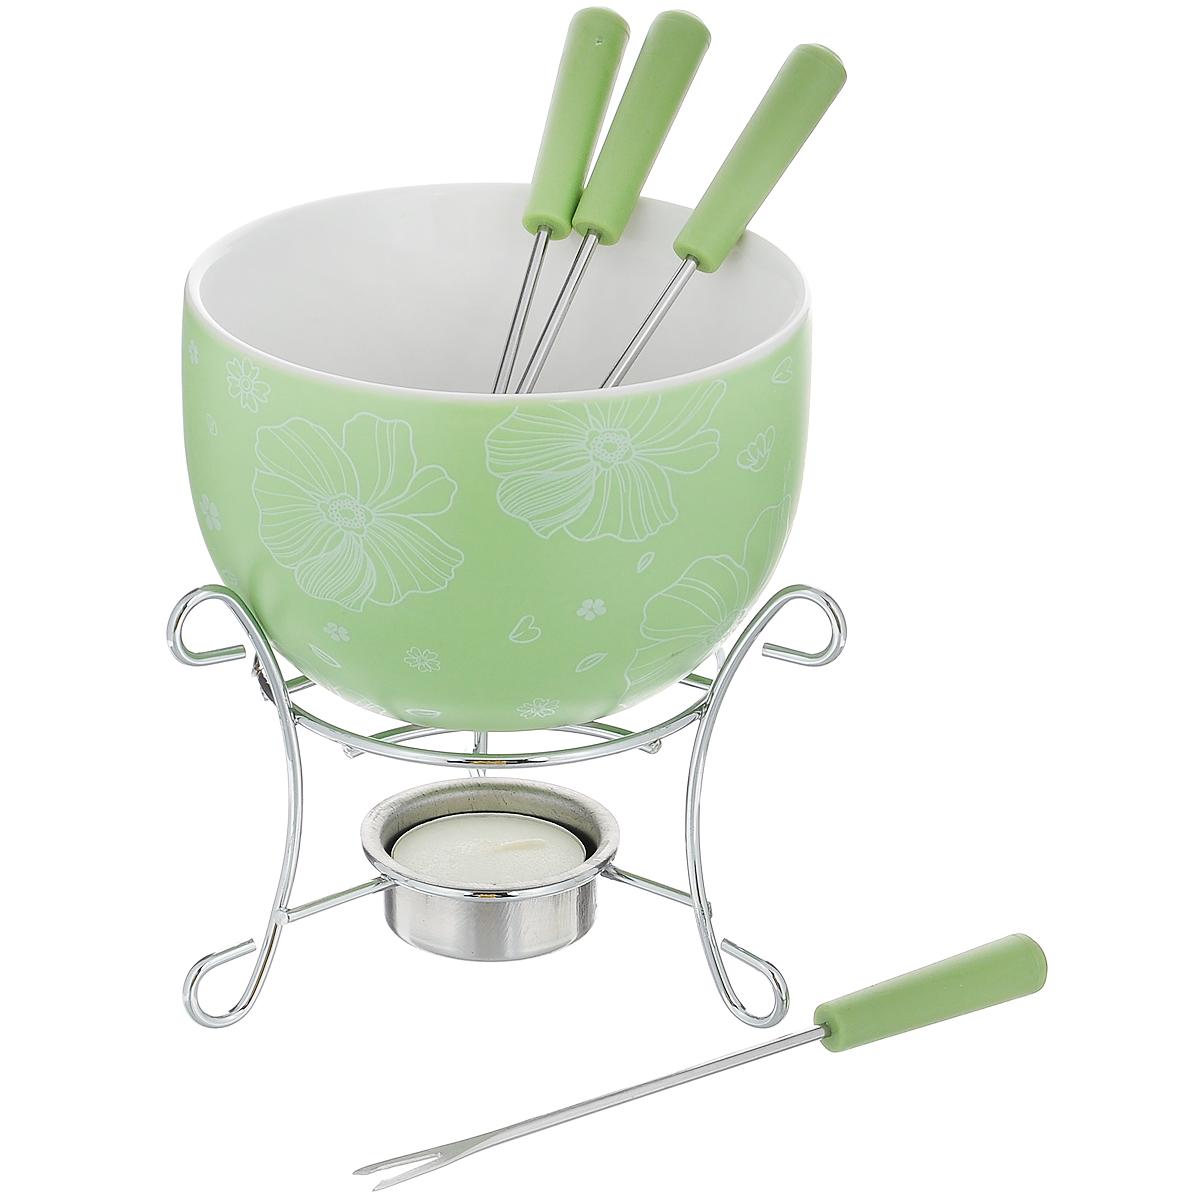 Набор для фондю Fissman Mini, цвет: зеленый, 8 предметовVT-1520(SR)Набор для фондю Fissman Mini состоит из чаши, подставки с подсвечником и 4 вилочек. Чаша изготовлена из глазурованной керамики и декорирована цветочным рисунком. В центре подставки устанавливается свеча-таблетка (входит в комплект), сверху ставится чаша. В наборе имеется 4 вилочки с пластиковыми ручками.В чашечке растапливается шоколад, на вилочки насаживается зефир или фрукты - и вот нехитрый, но очень привлекательный способ украсить вечер в компании самых дорогих и любимых.Диаметр чаши (по верхнему краю): 11,5 см.Высота чаши: 7 см.Высота подставки: 8,5 см.Диаметр отверстия для свечи: 4 см.Длина вилочки: 15 см.